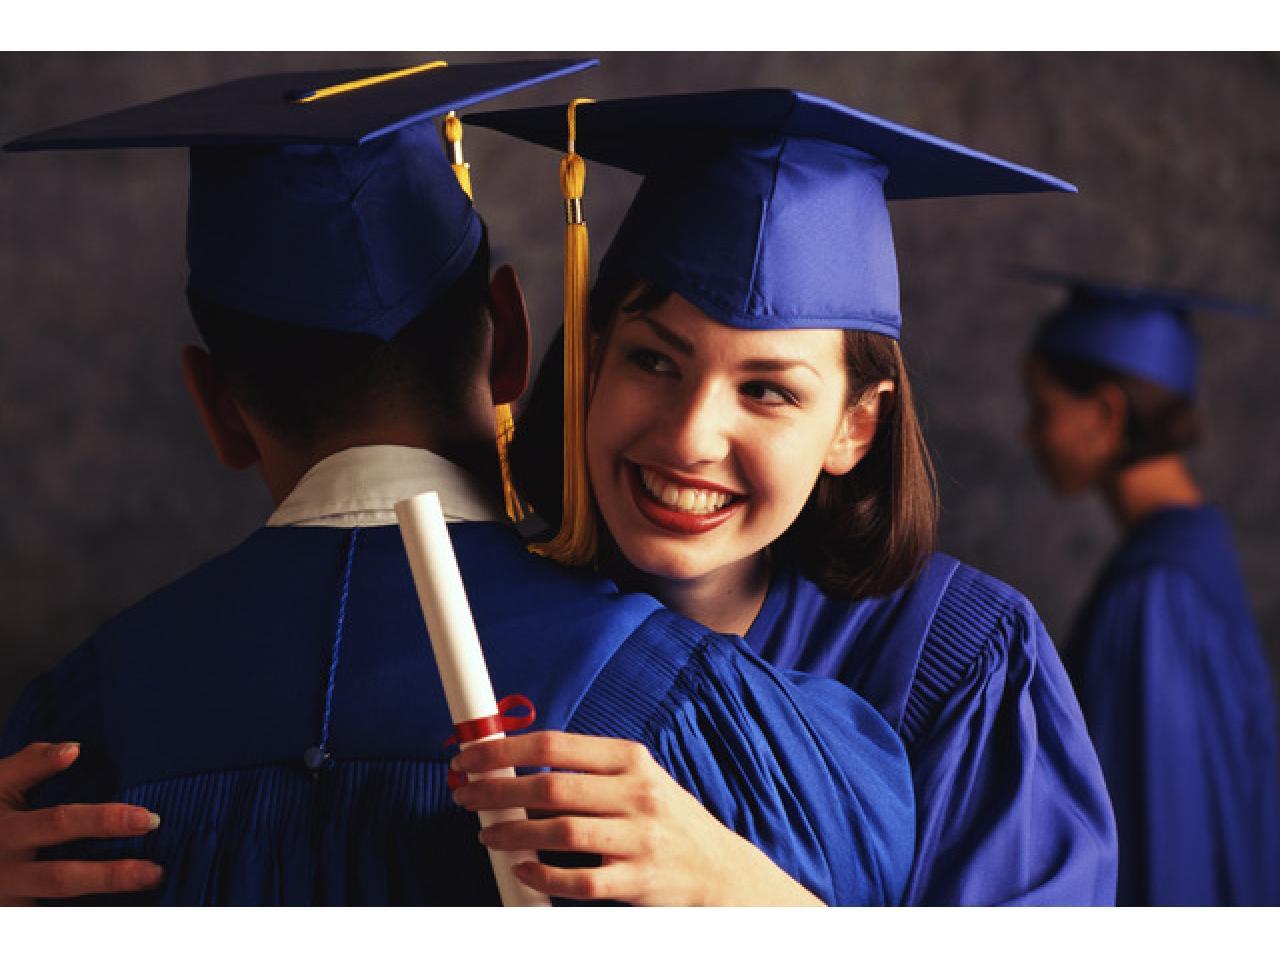 Бесплатное высшее образование в Великобритании - 1